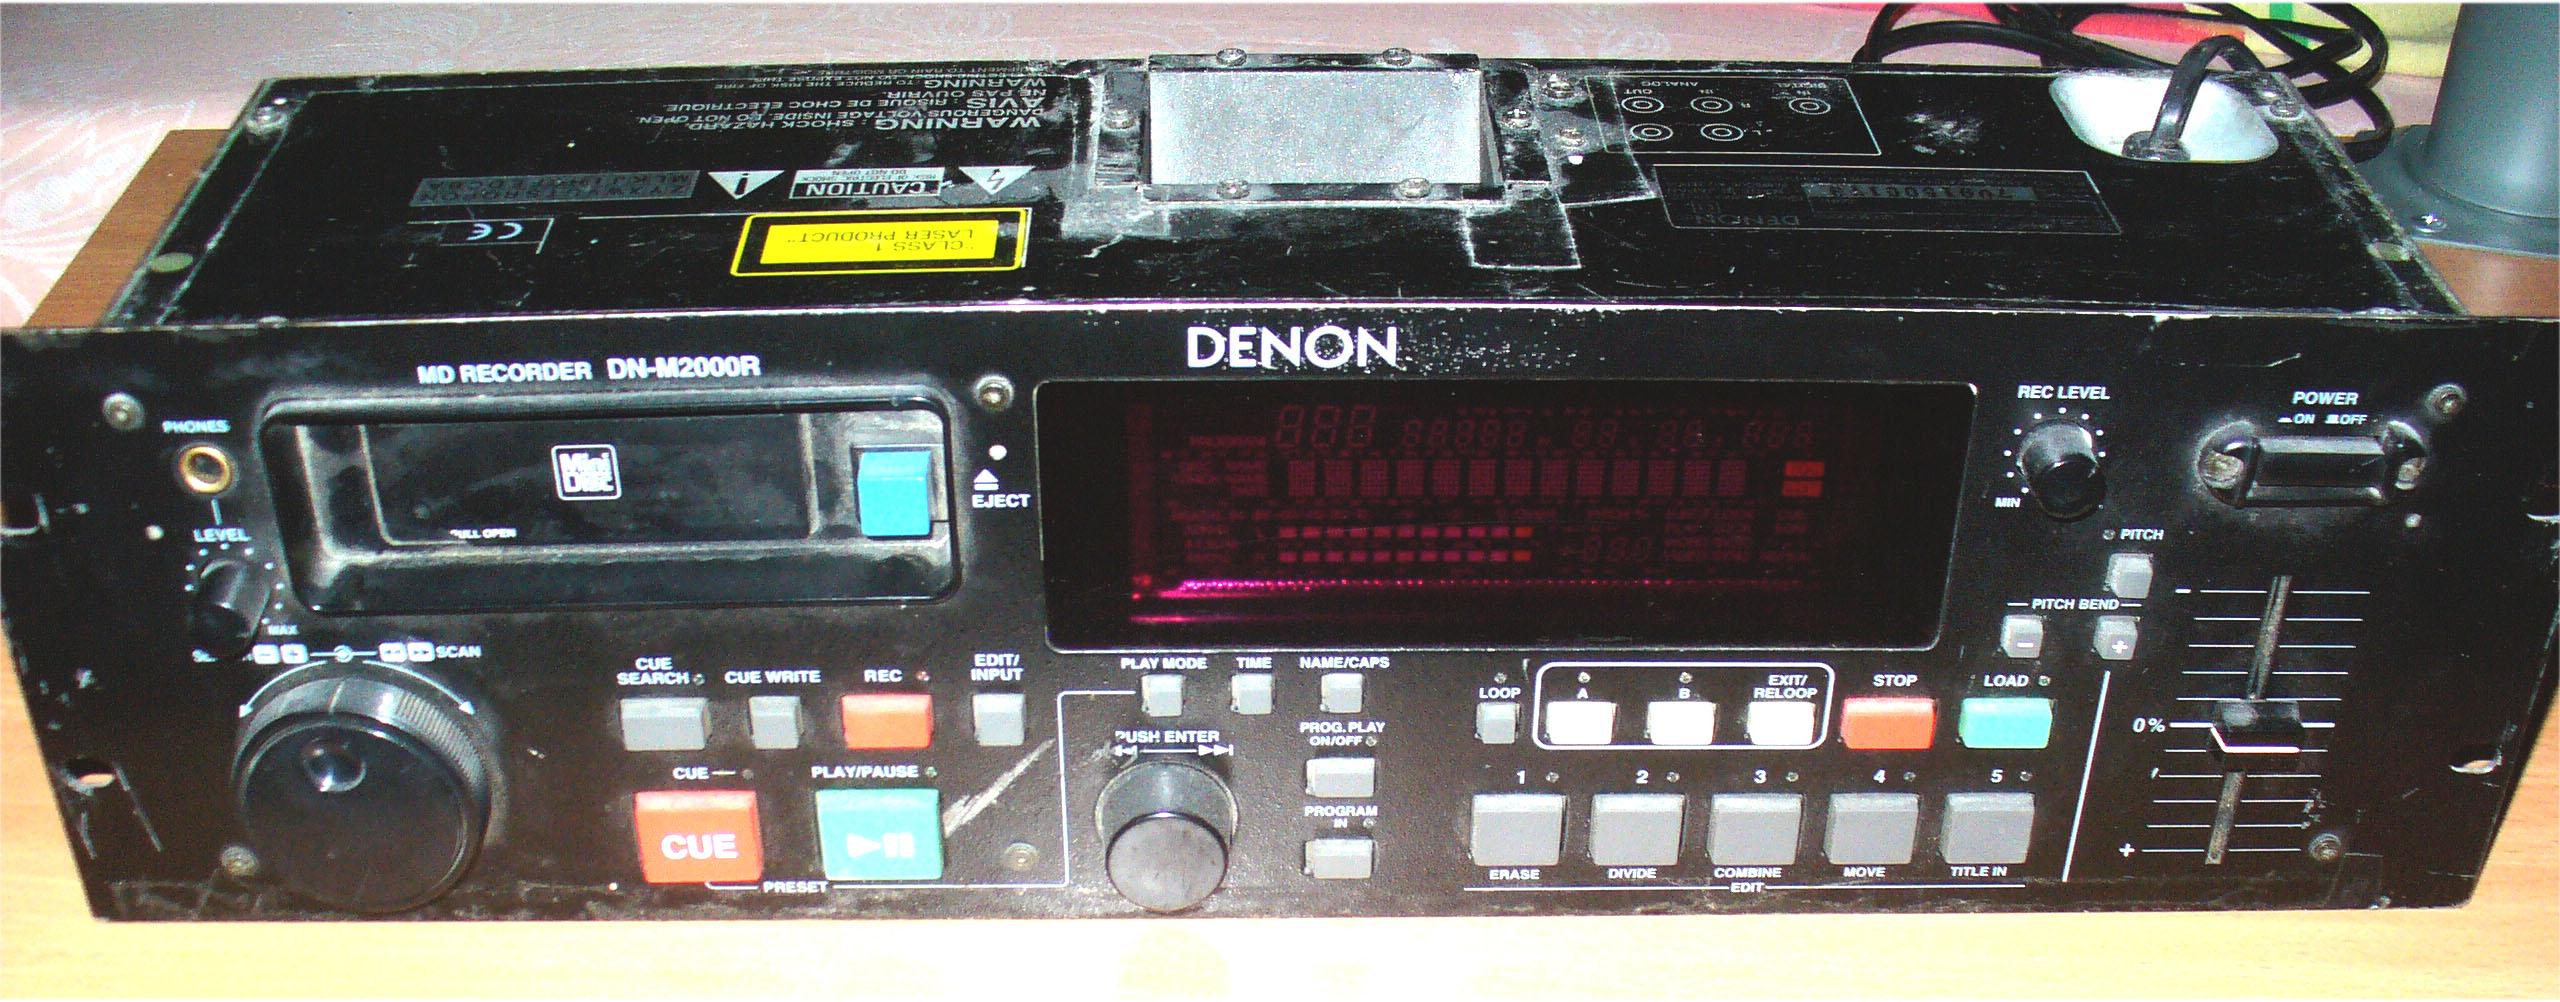 Продам DJ мини-дисковый плеер Denon DN-M2000R